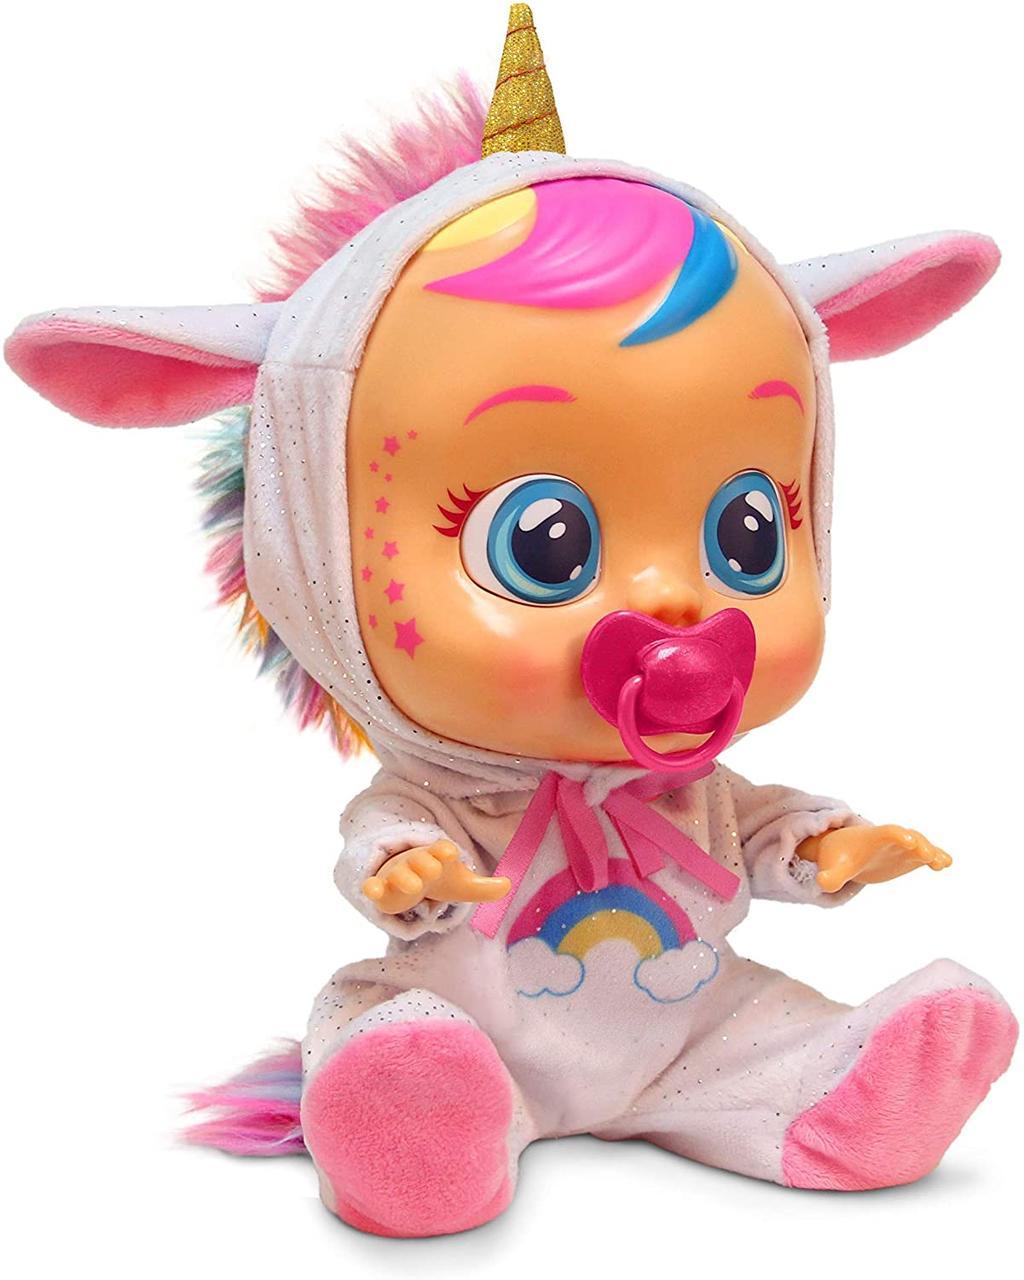 Кукла пупс плакса Единорог Cry Babies Dreamy Baby Doll